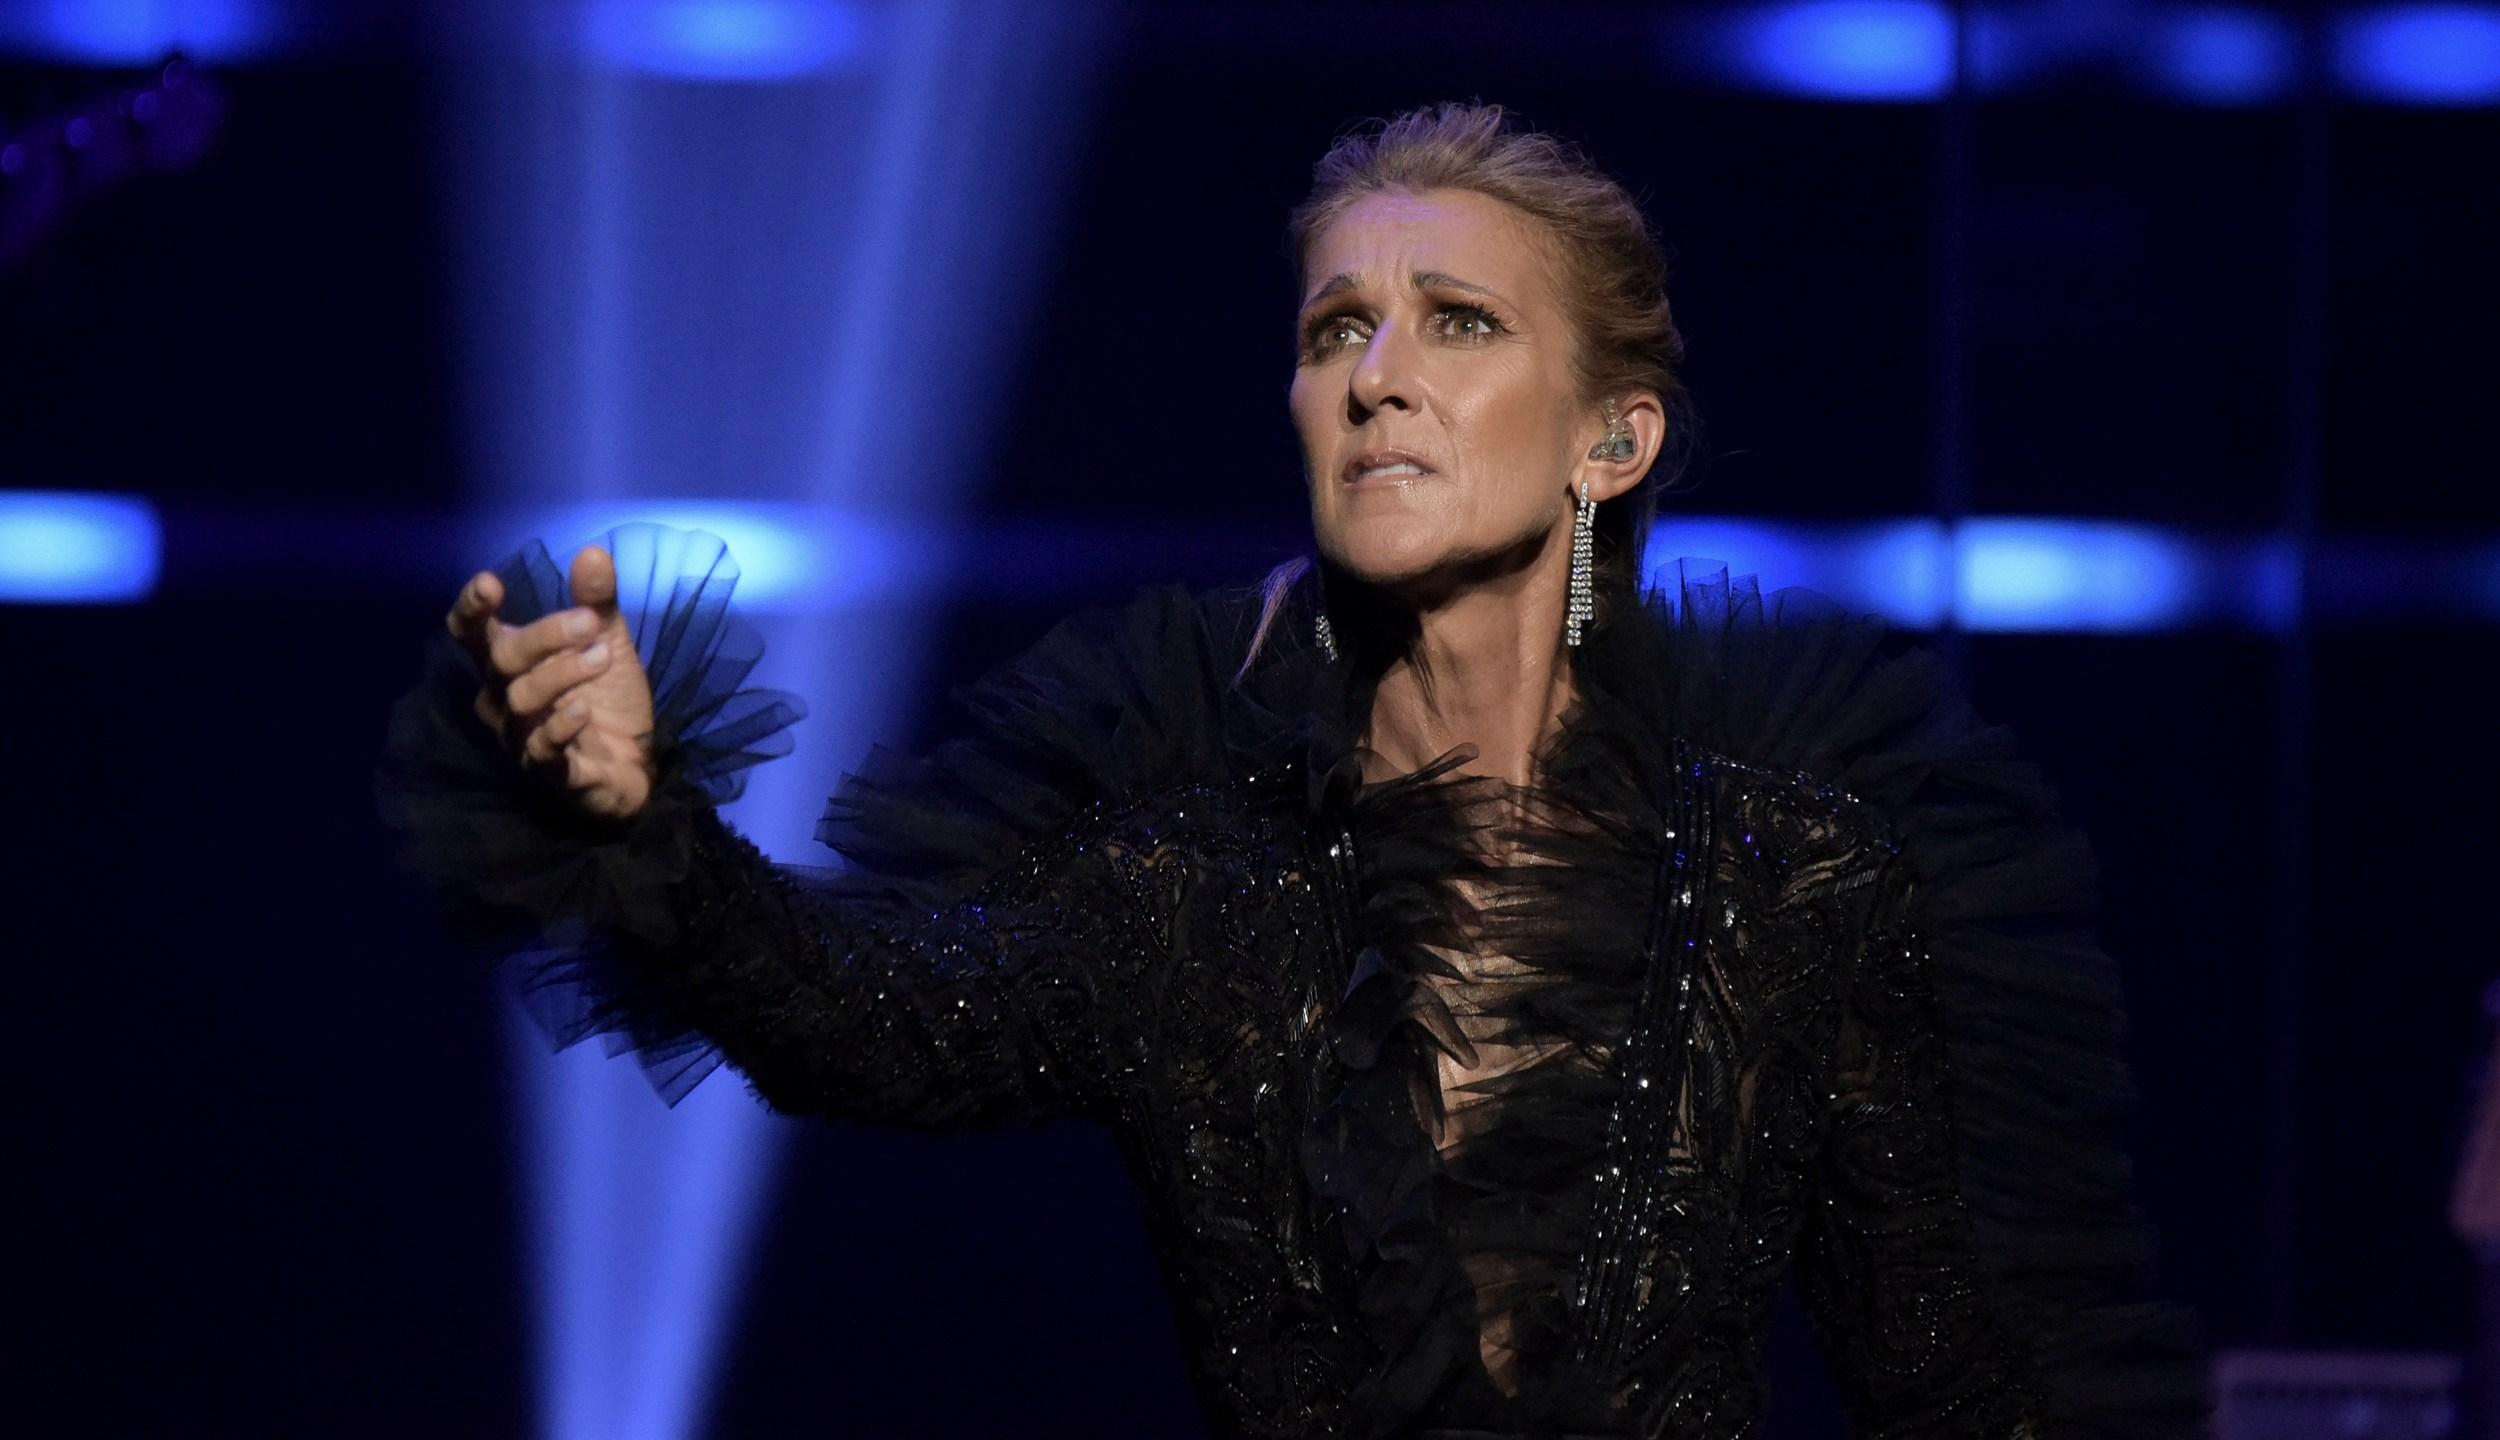 Celine_Dion_in_Concert_-_Los_Angeles_05518-159532.jpg31456209